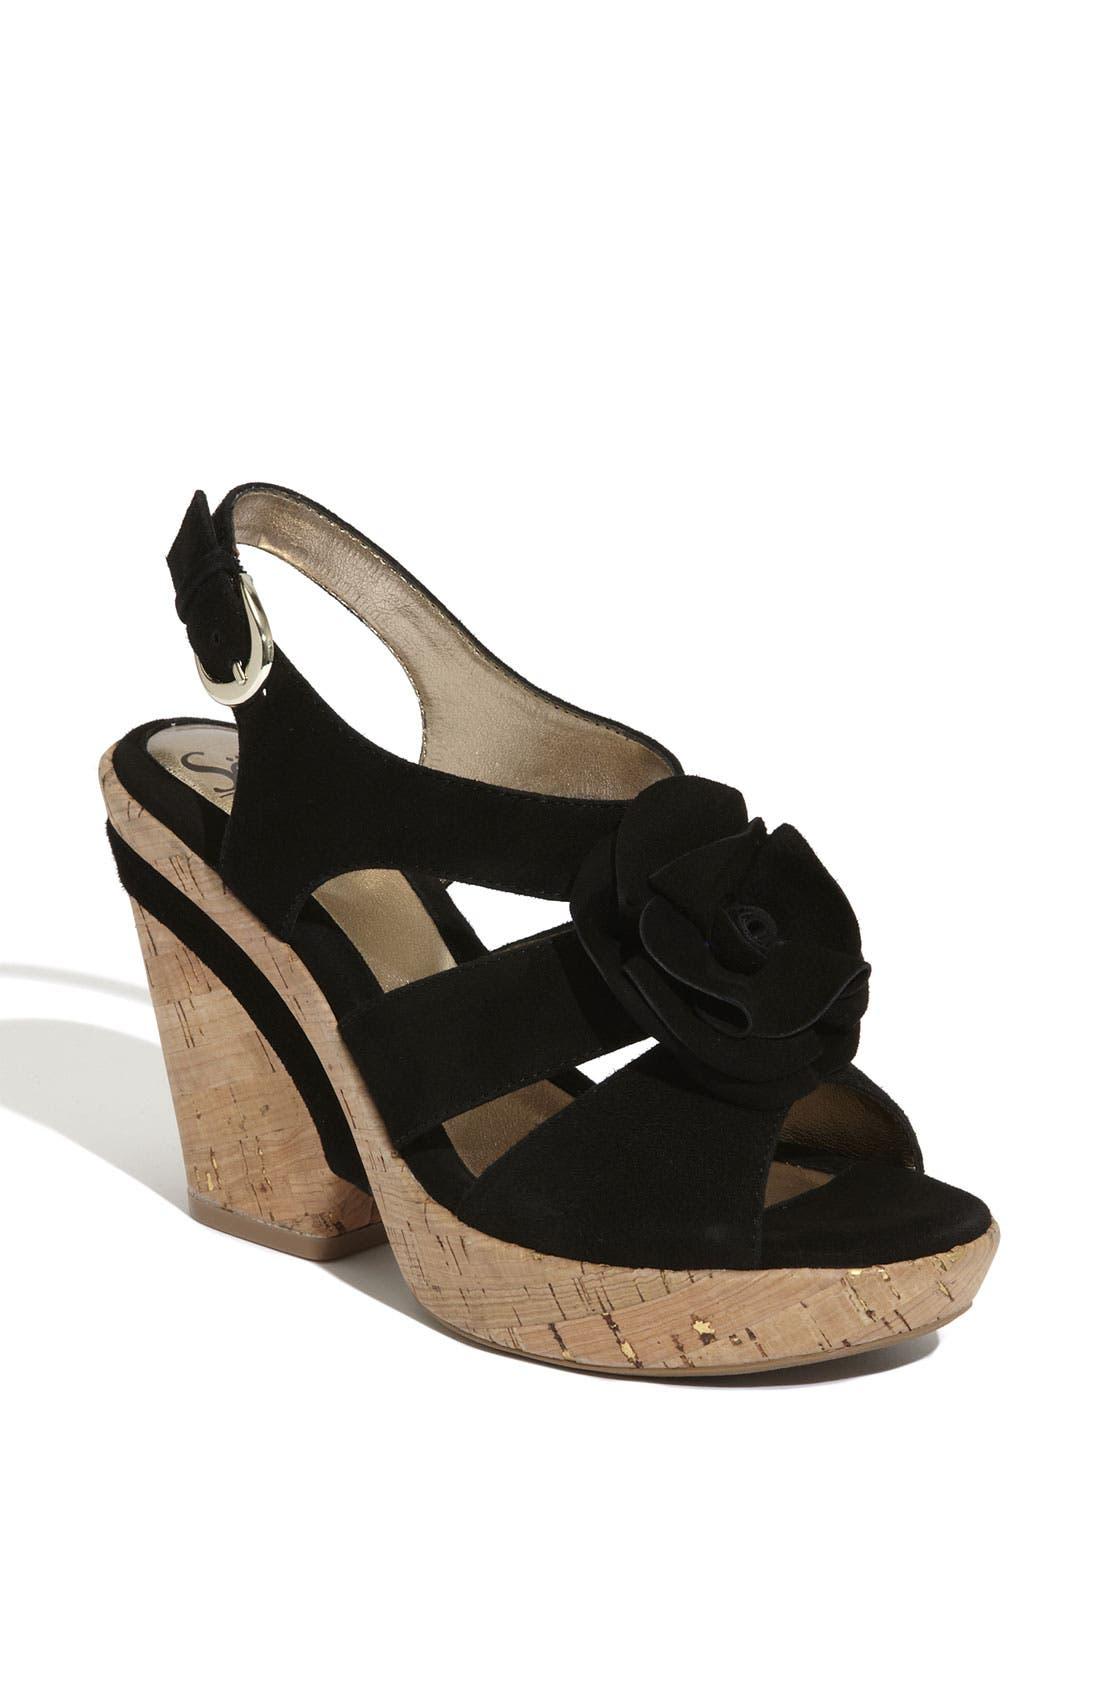 Main Image - Söfft 'Odelle' Sandal